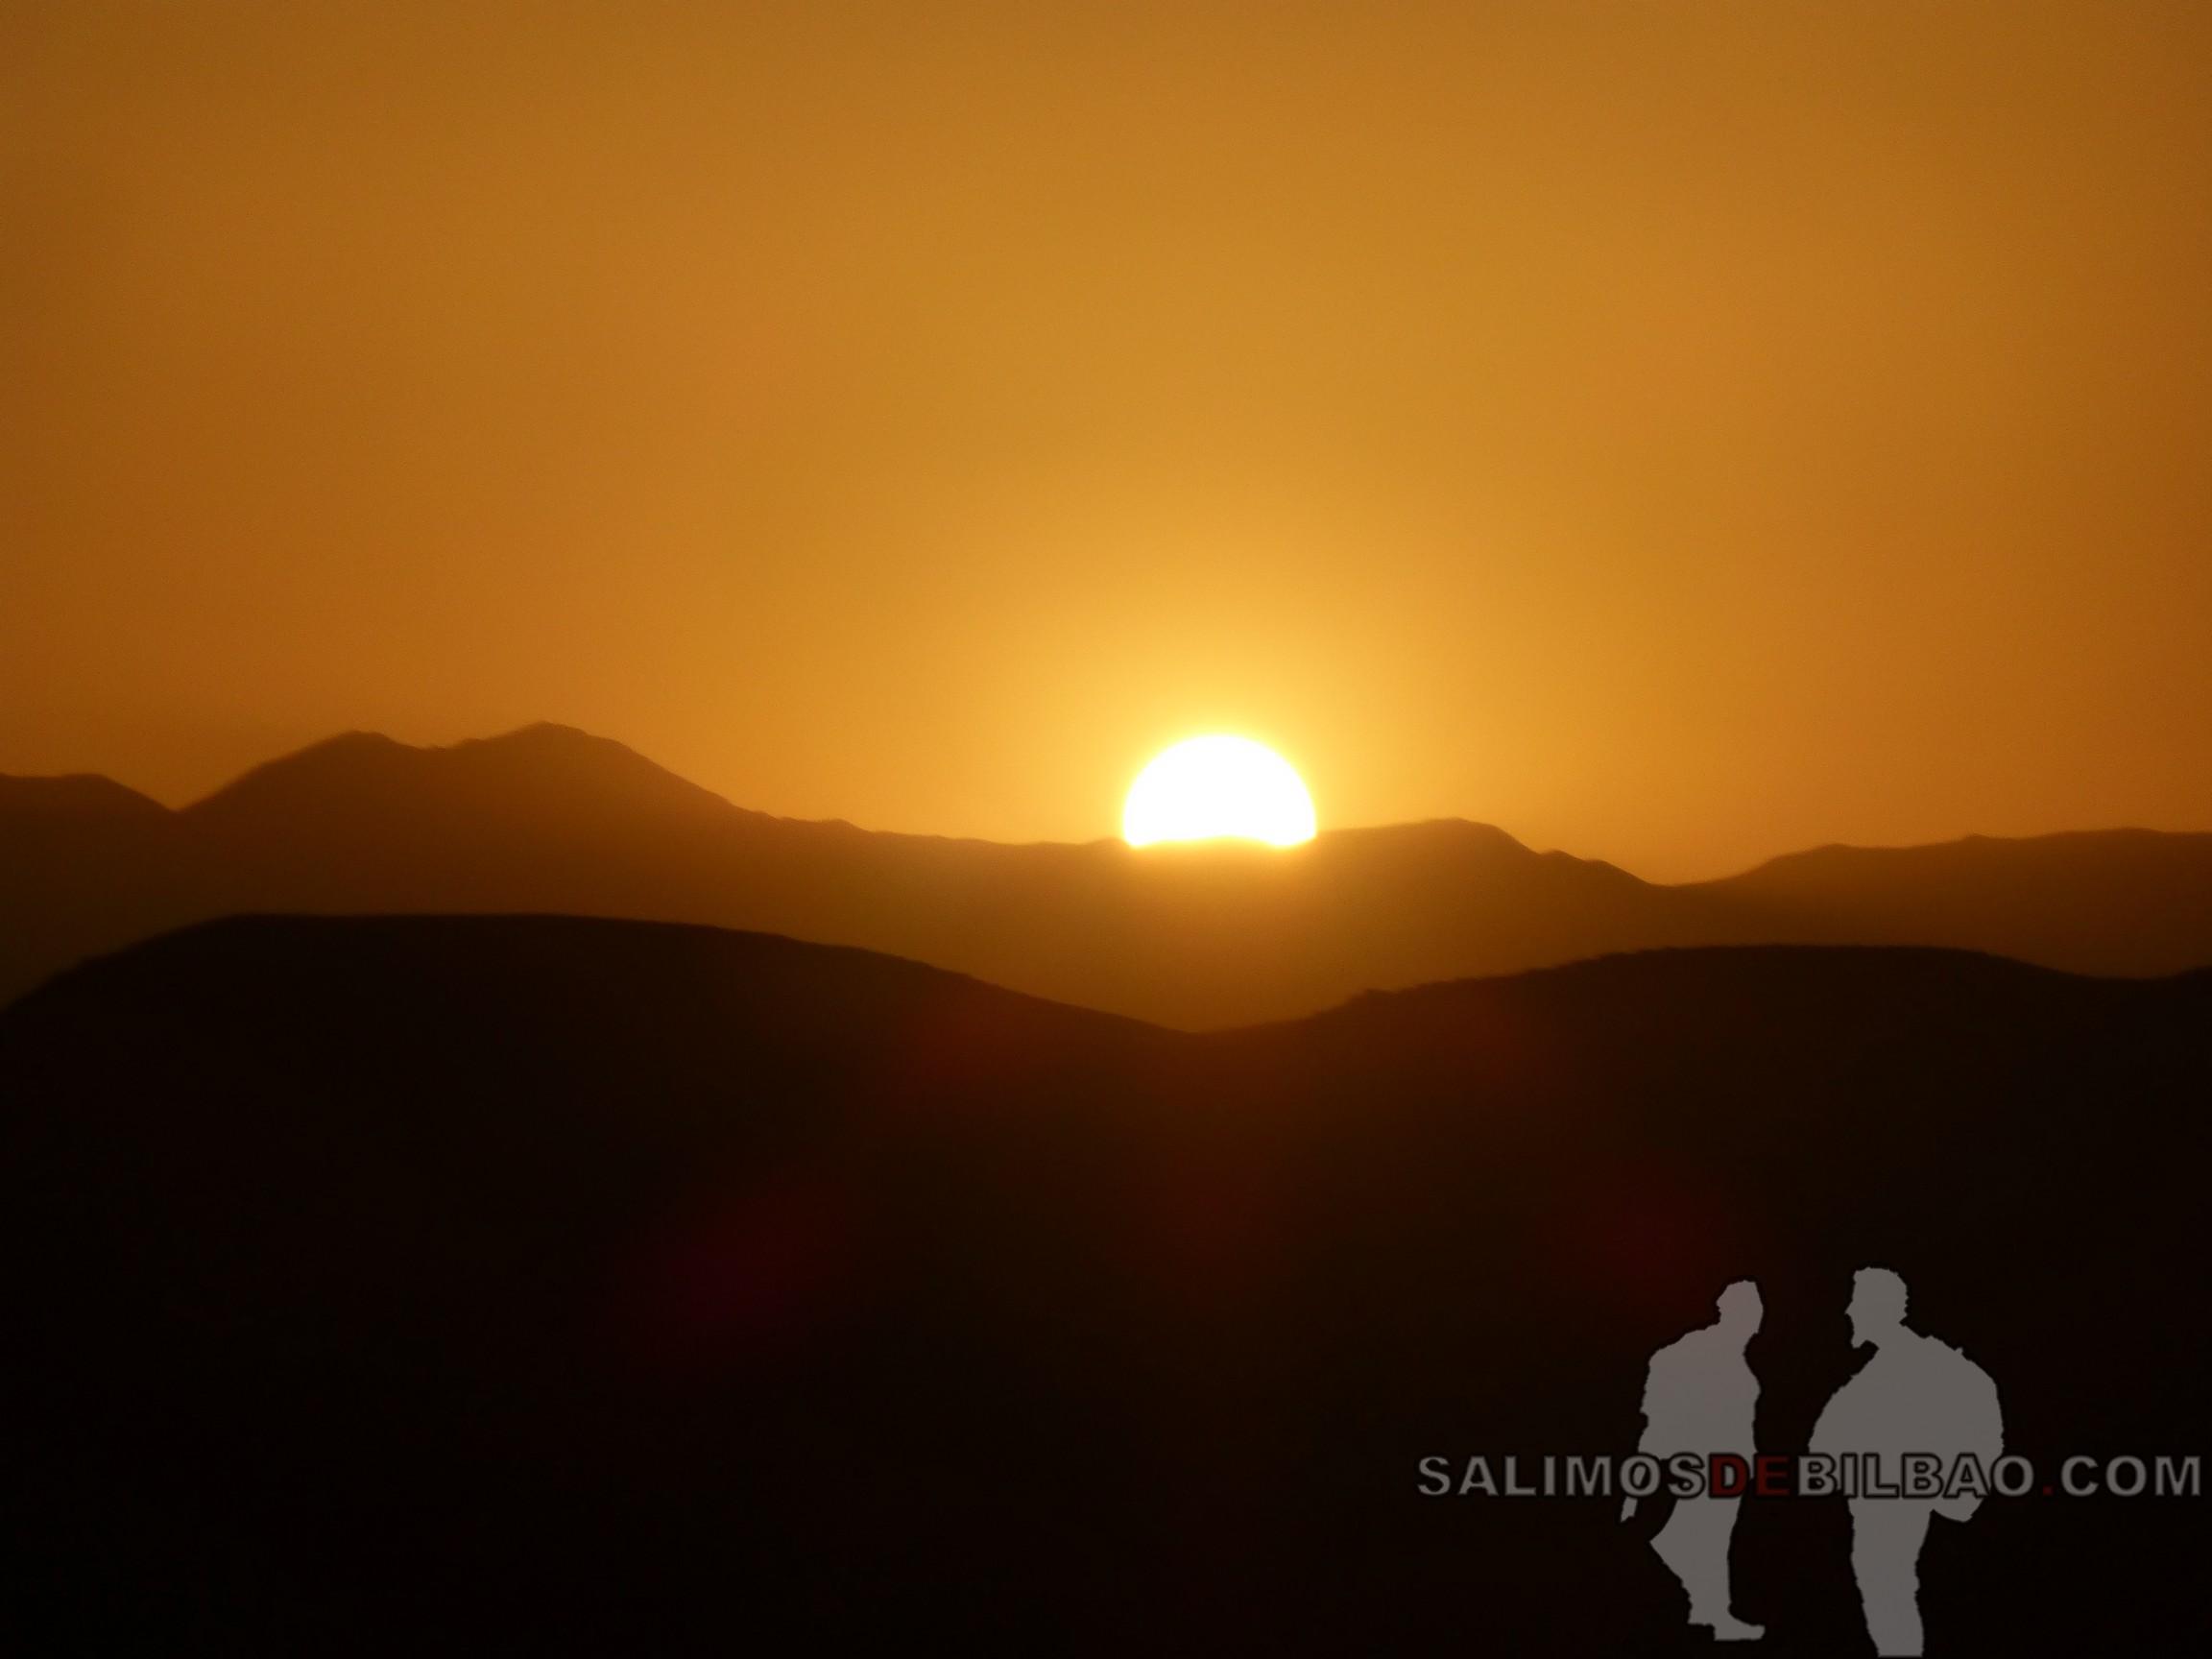 552. Puesta de sol, Vistas desde Kasbah Ait Ben Haddou